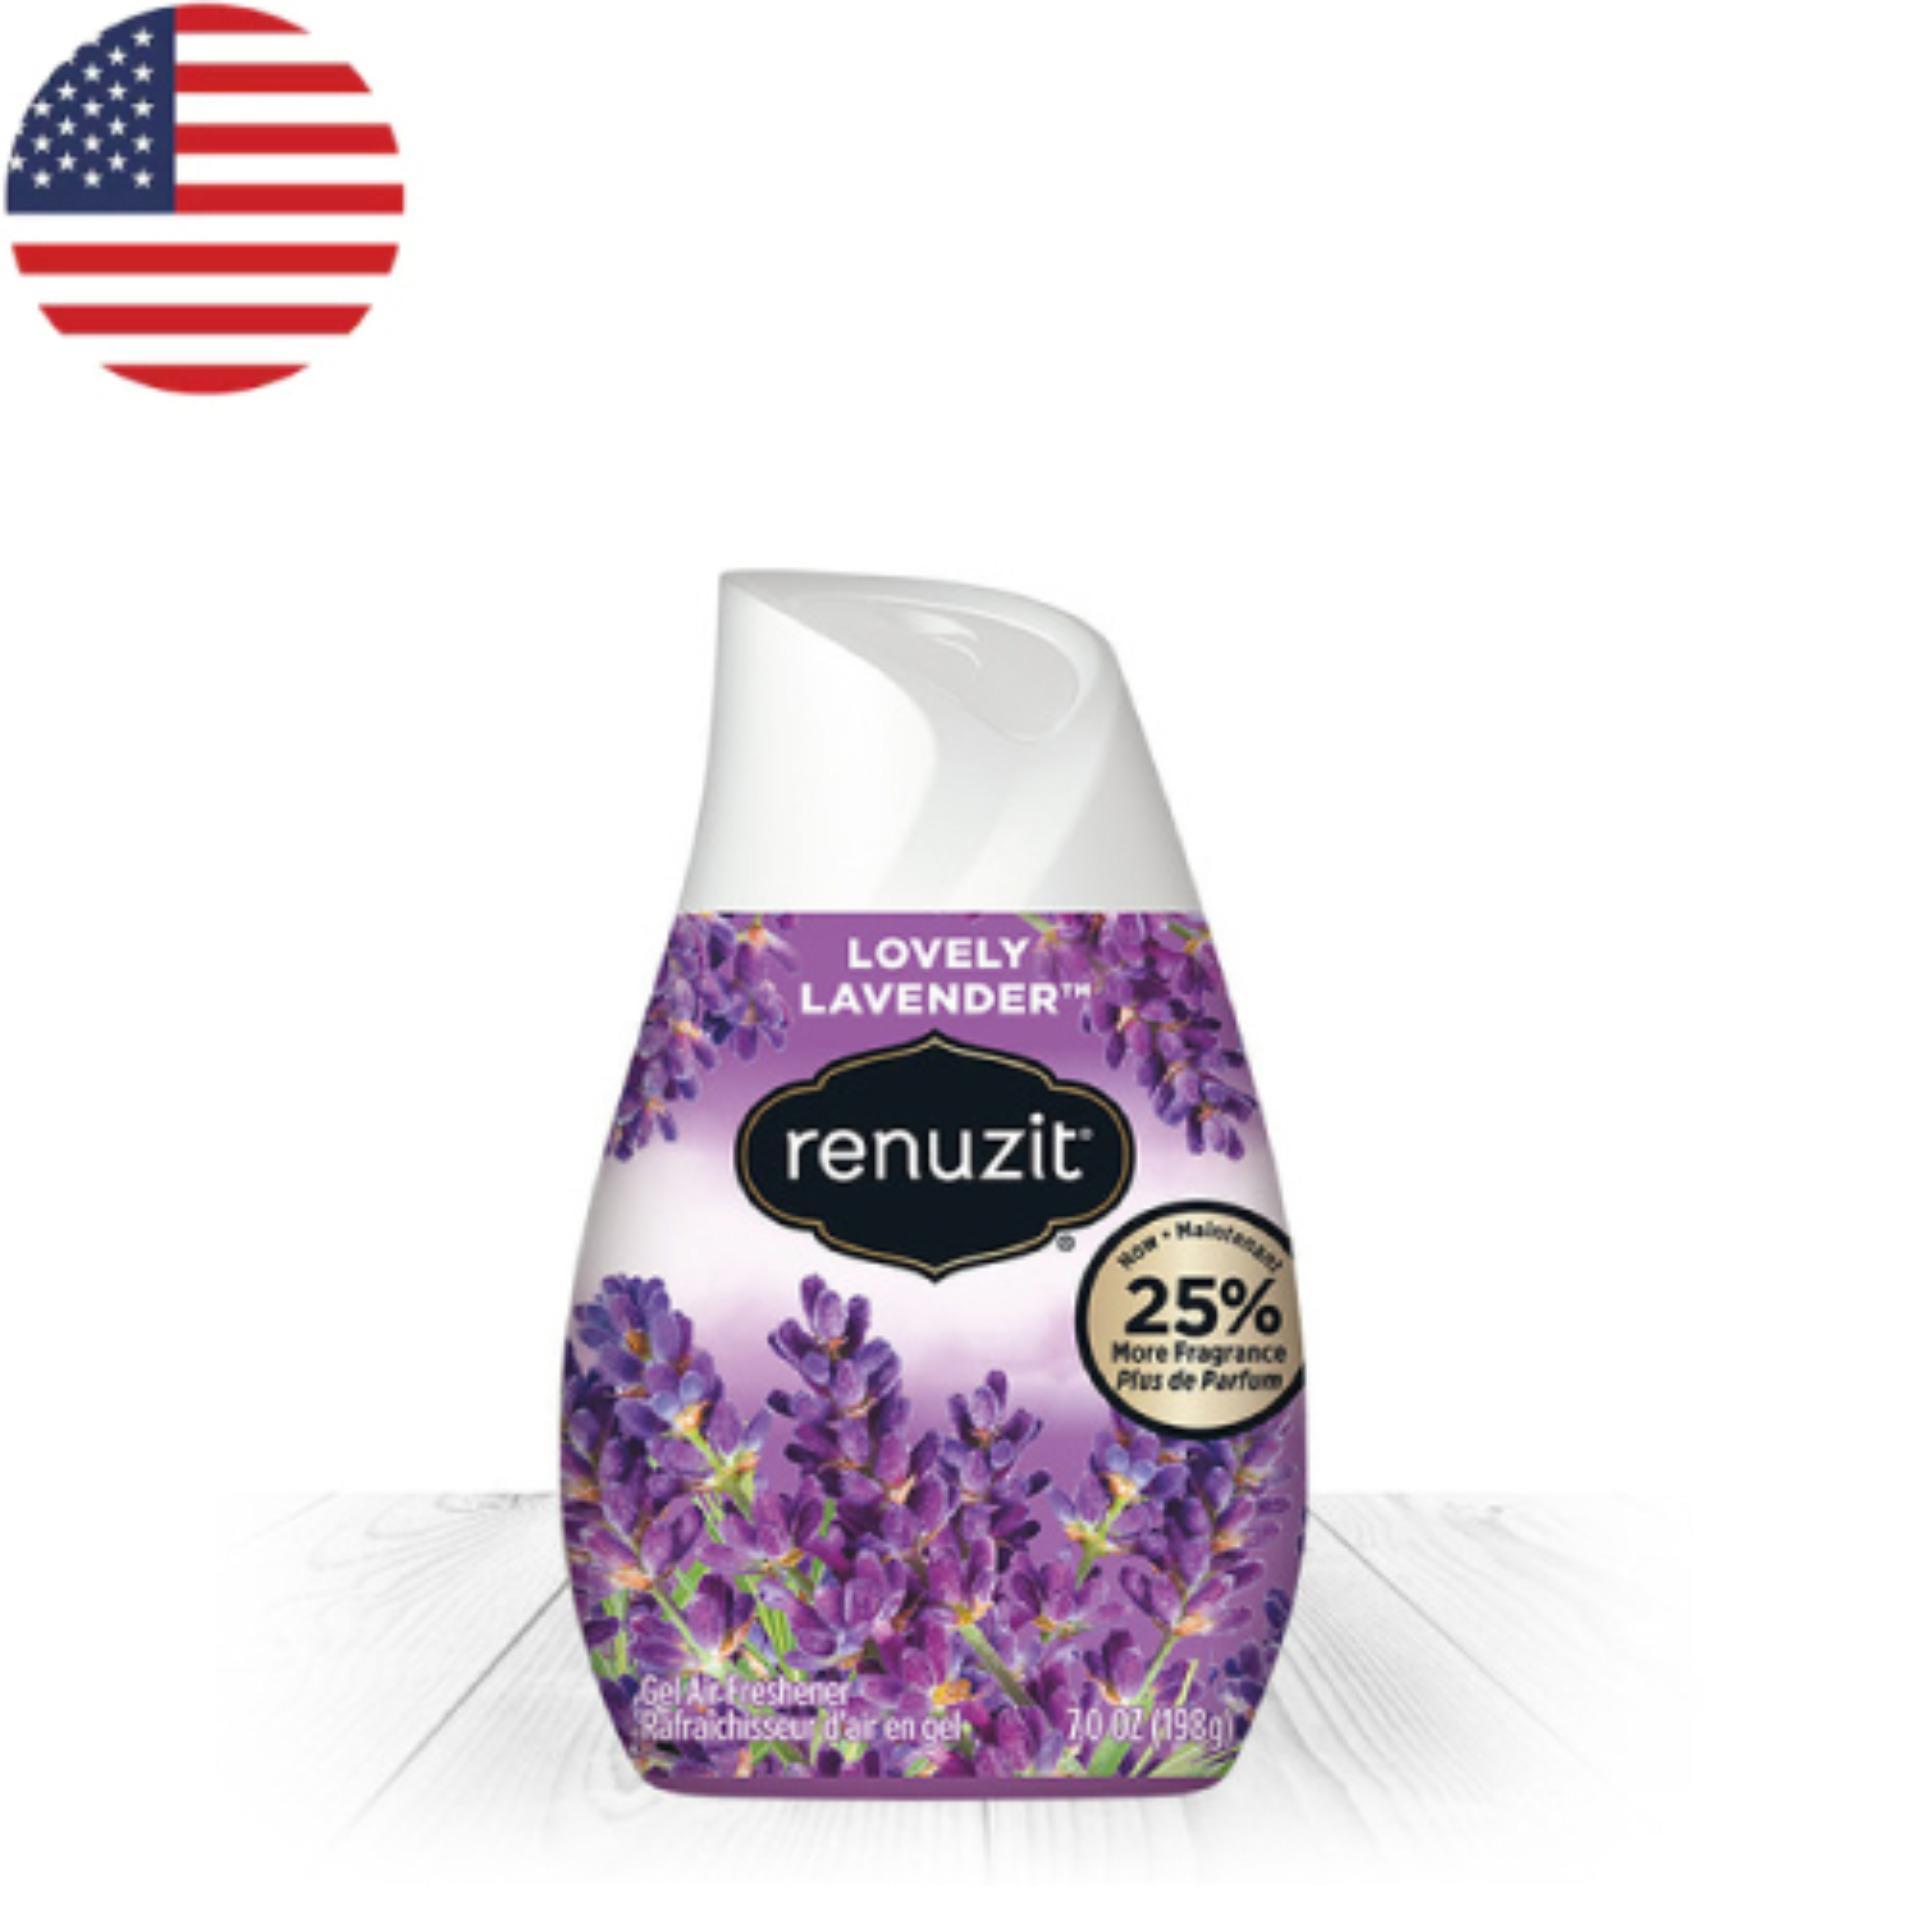 Sáp thơm phòng Renuzit Lovely Lavender 198g - Nhập khẩu Mỹ